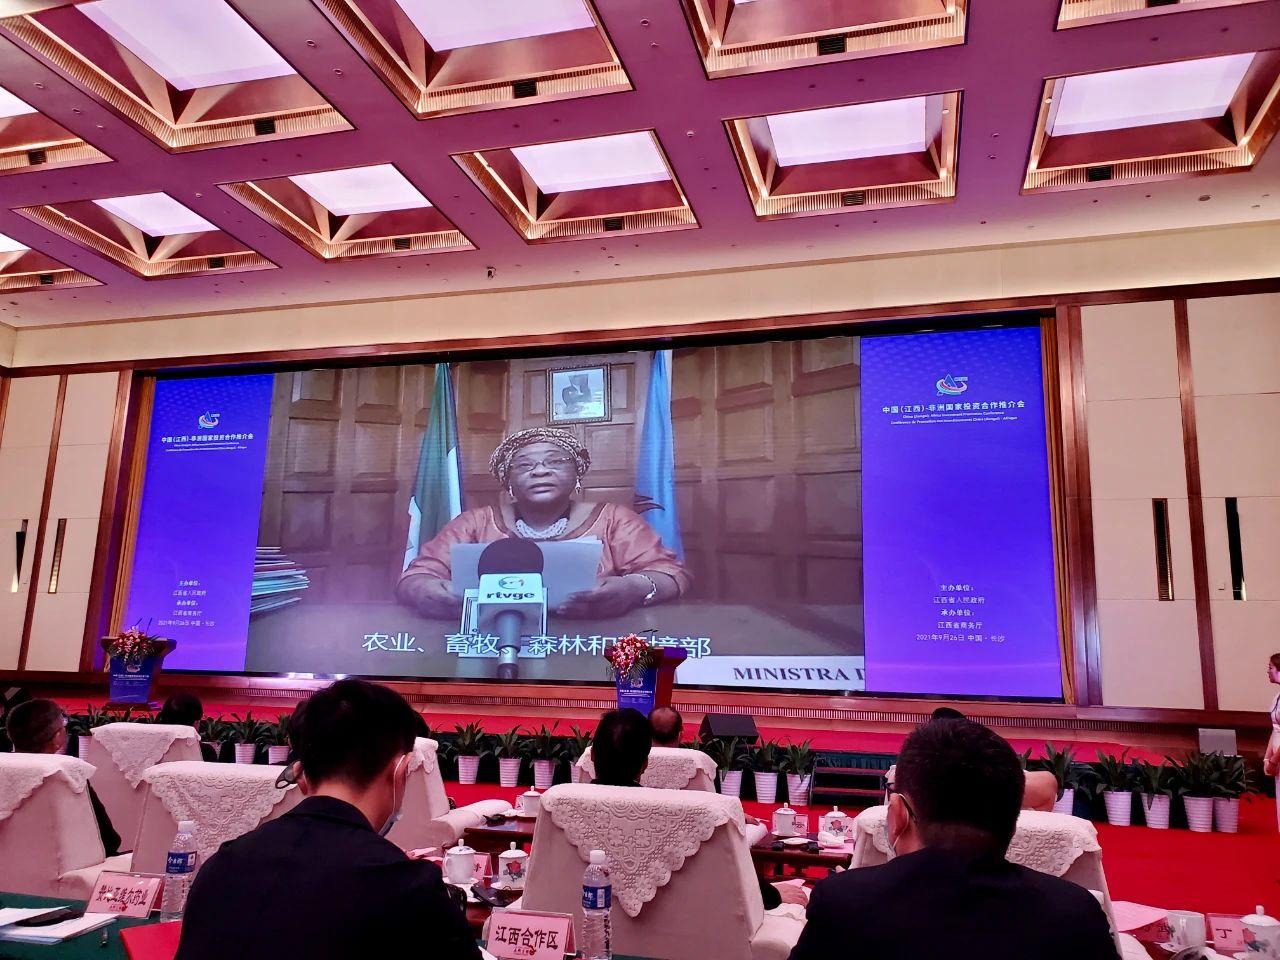 Guinea Ecuatorial participa en la II Exposición Económica y Comercial China-África